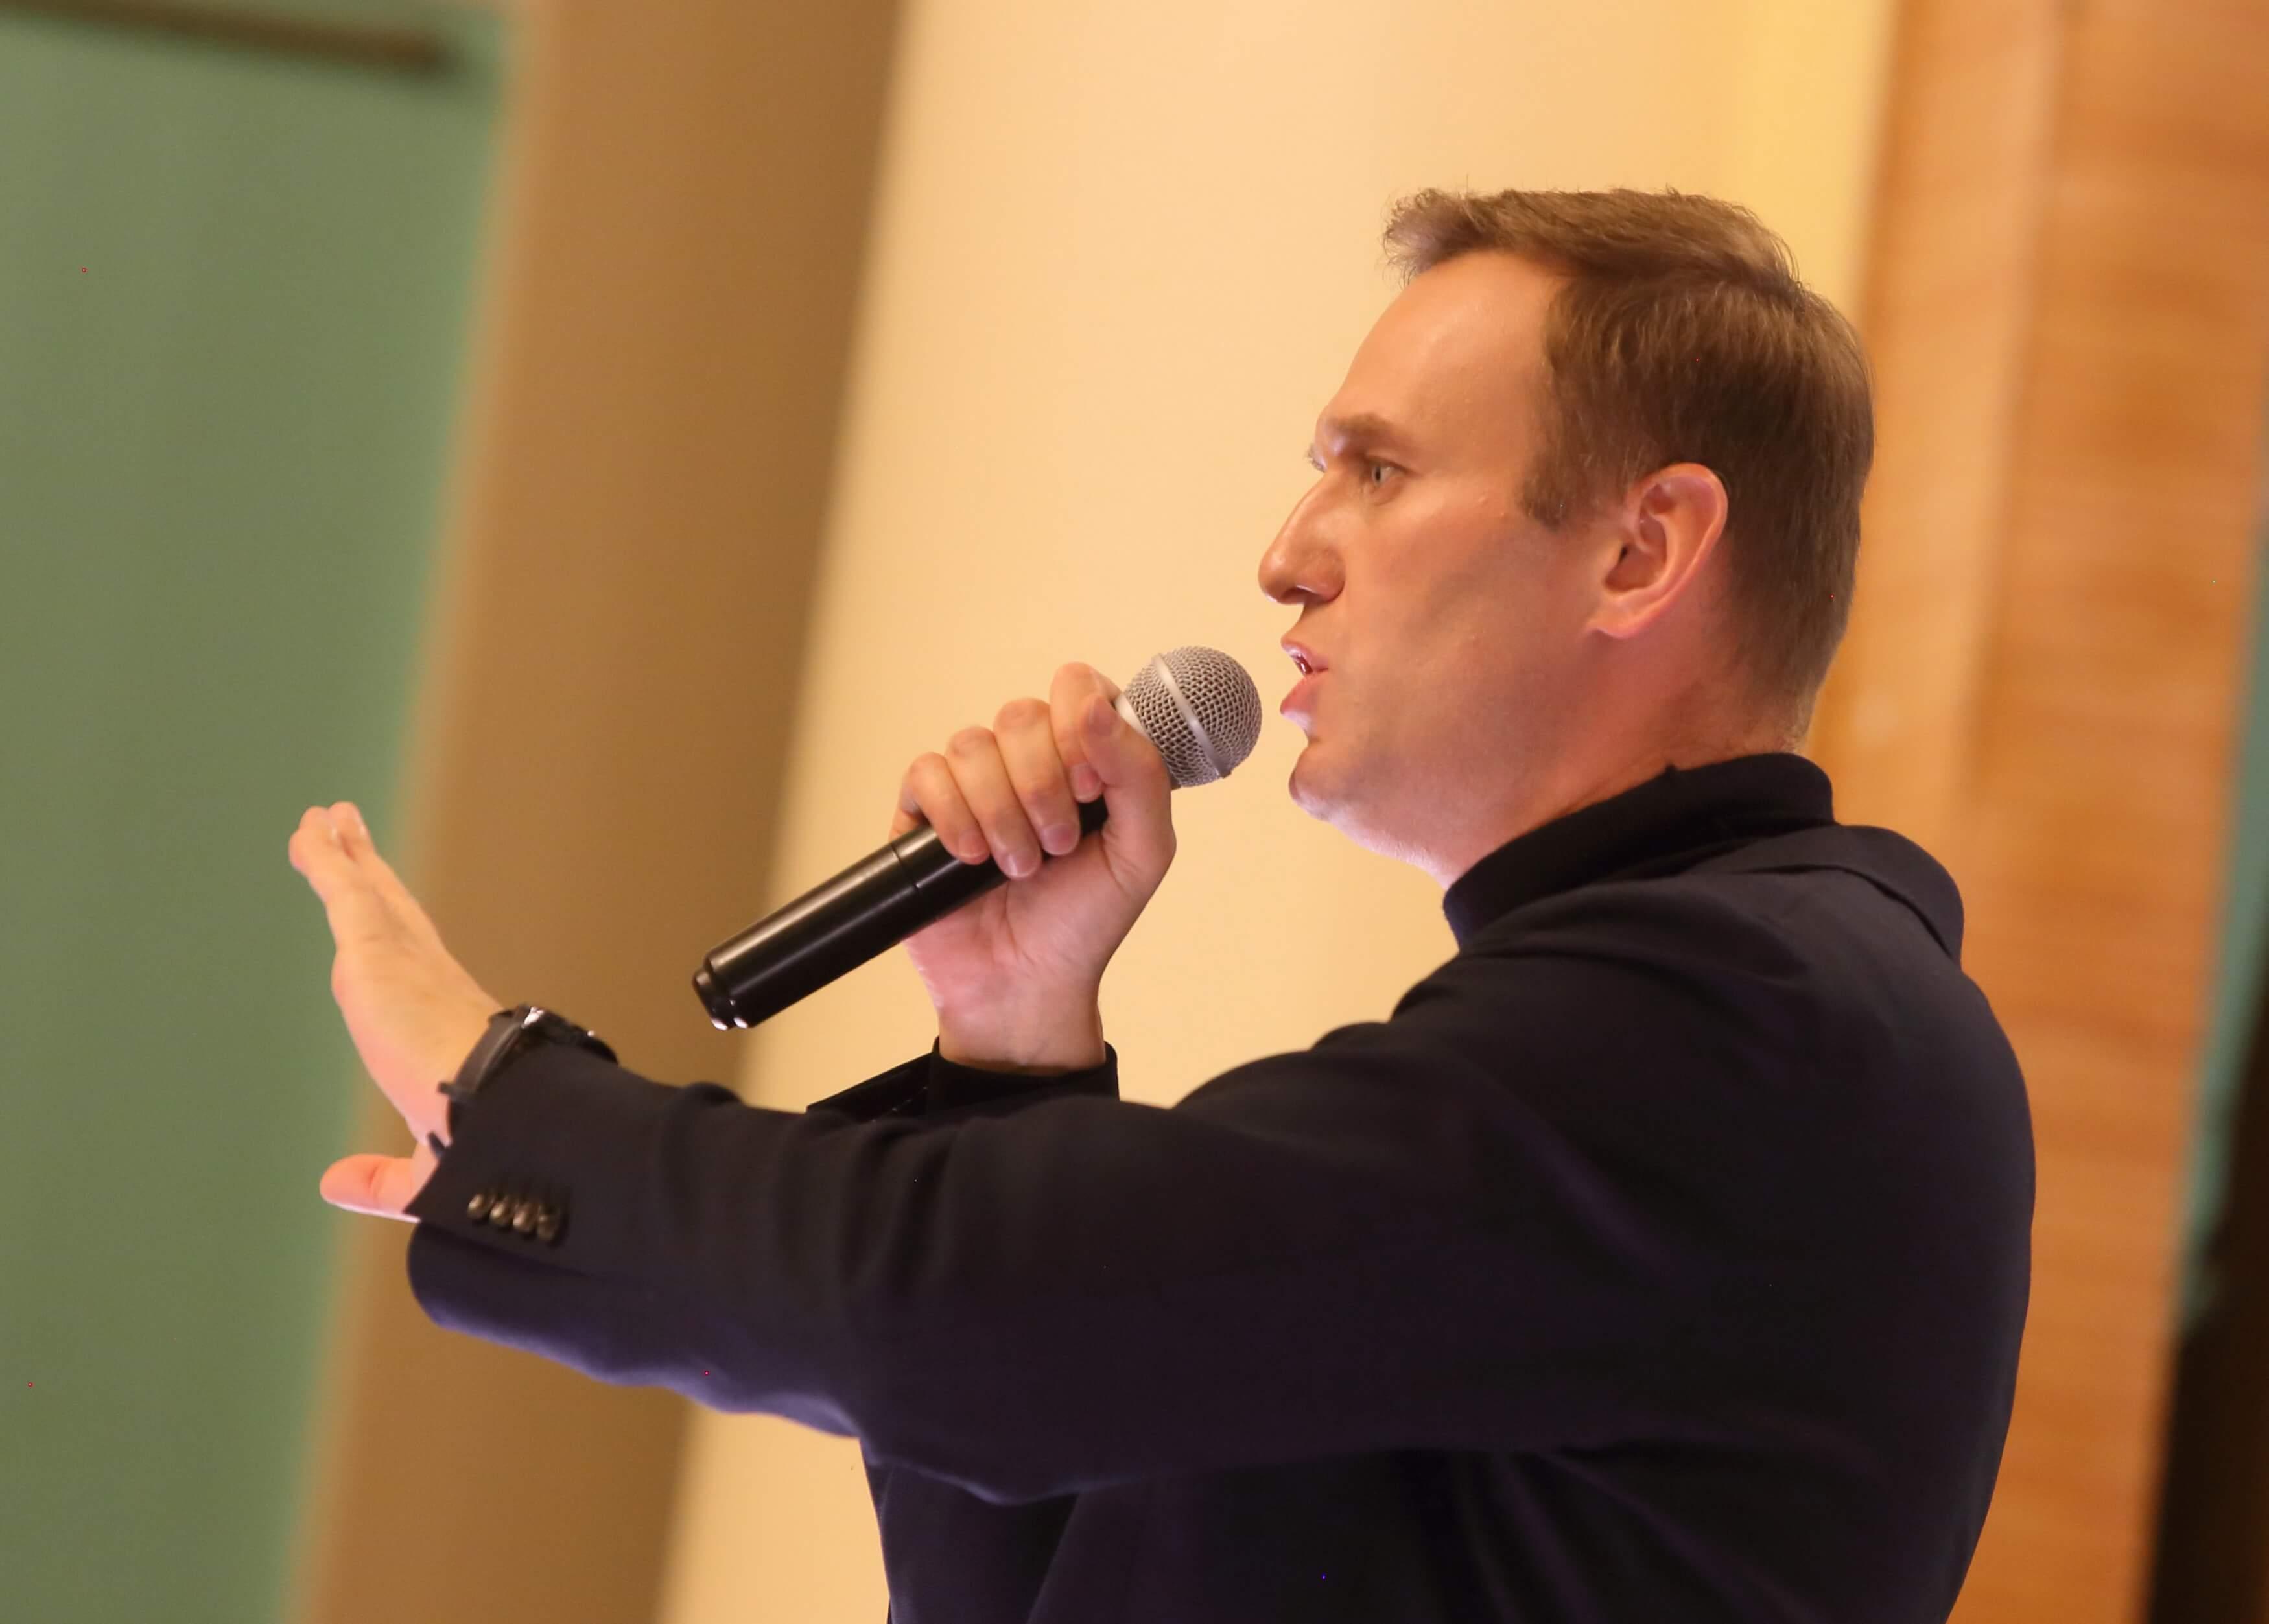 Навальный: «В тюрьме главное не заболеть. Лечить никто не будет»